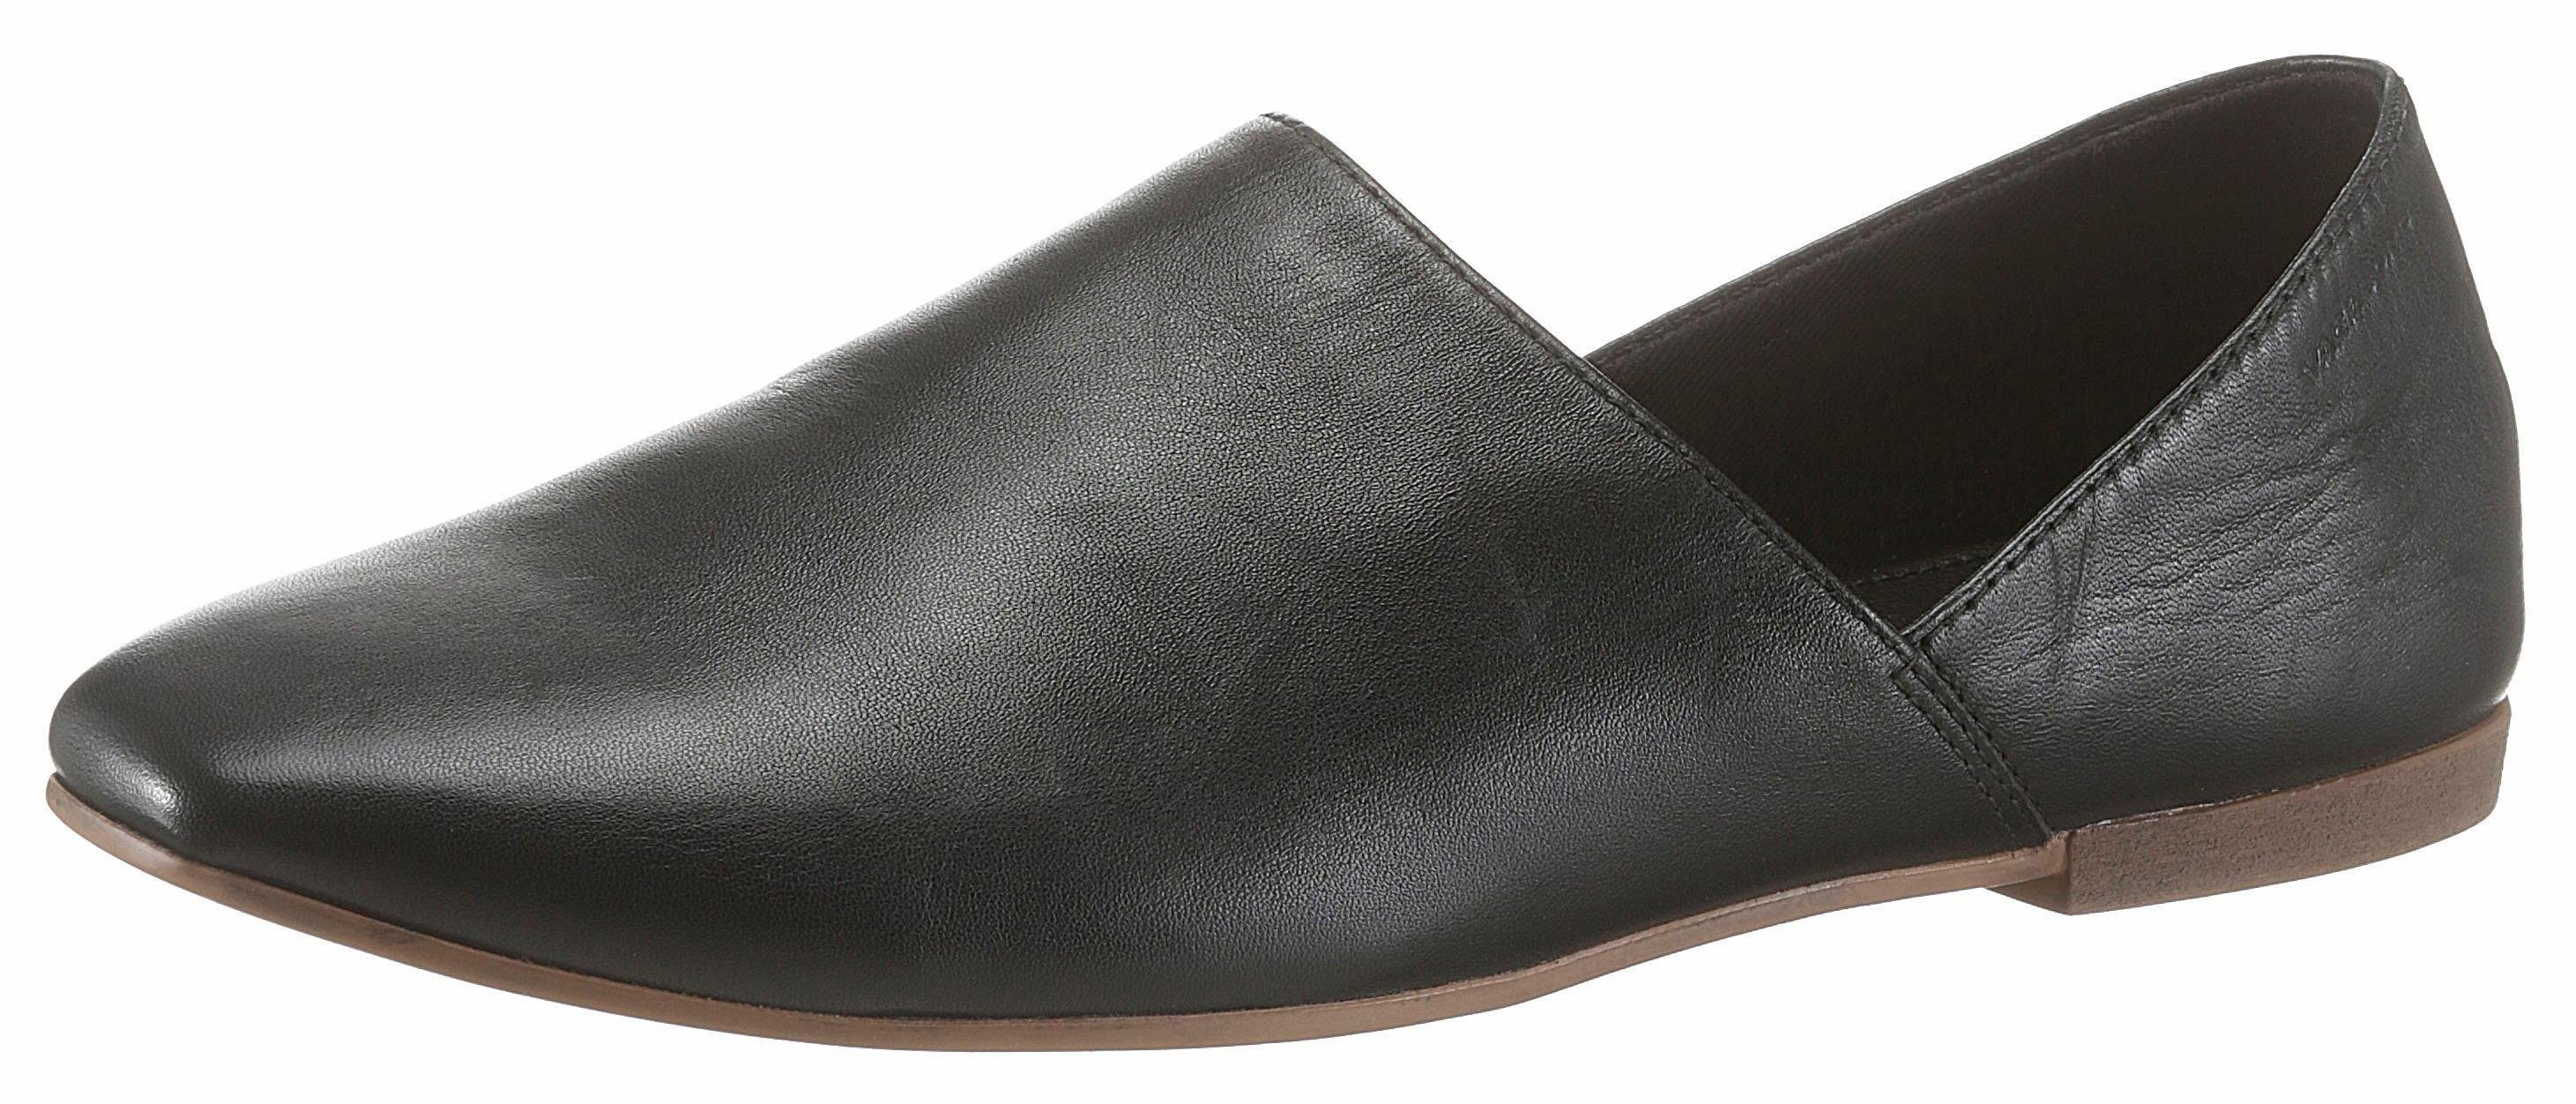 Vagabond Pantolette, in spitzer Form, schwarz, EURO-Größen, schwarz